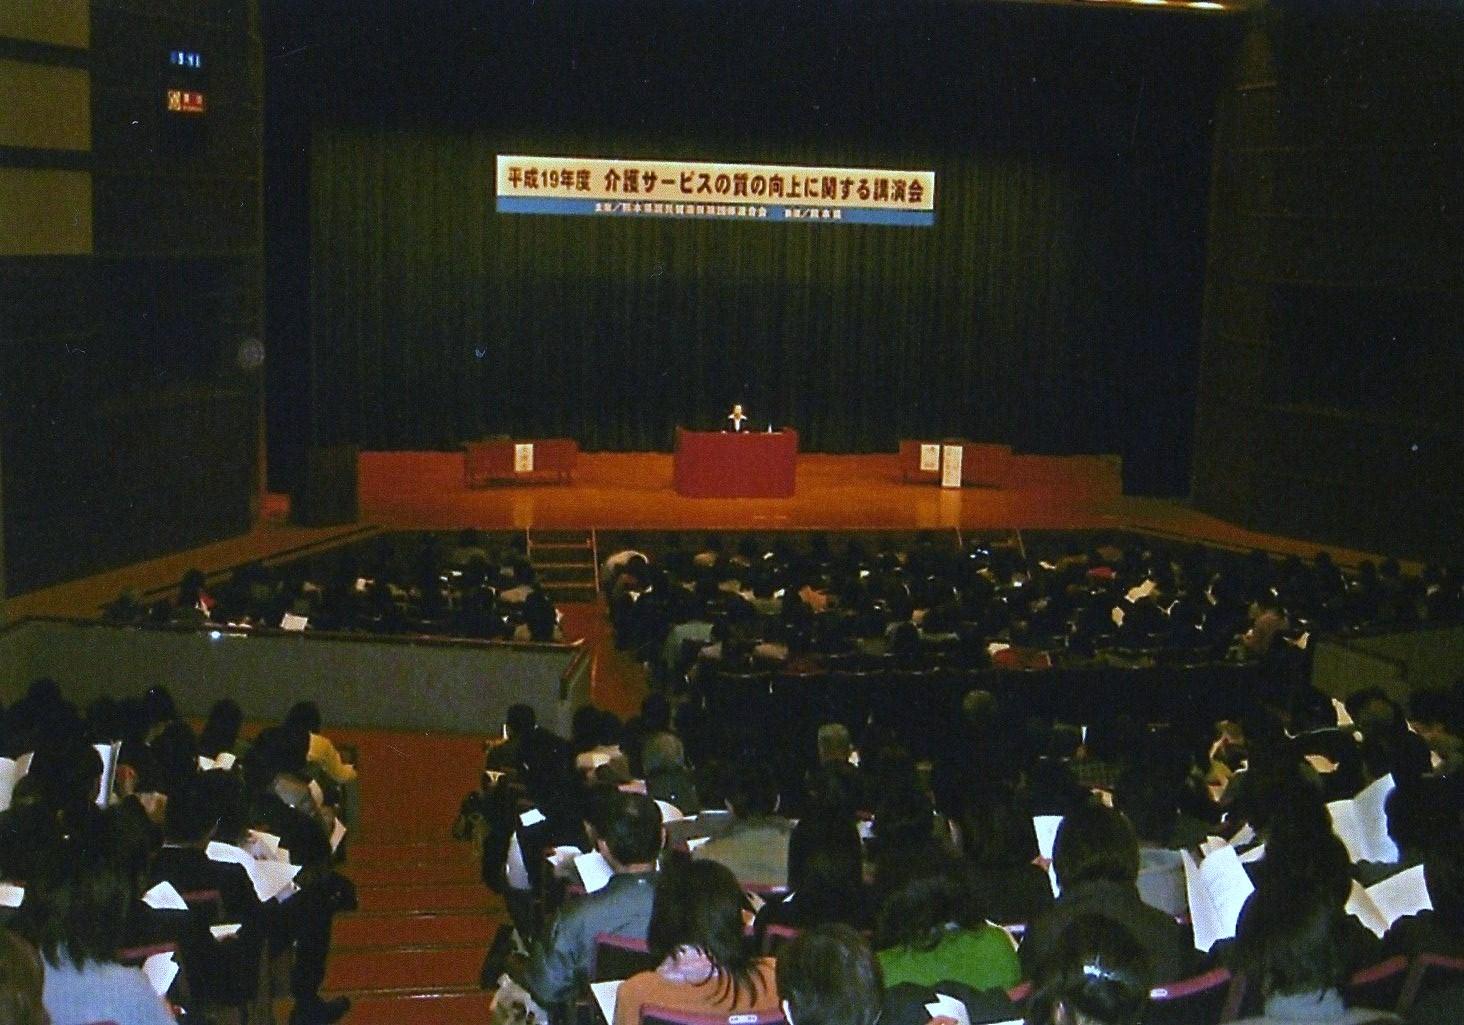 介護サービスの質の向上に関する講演会